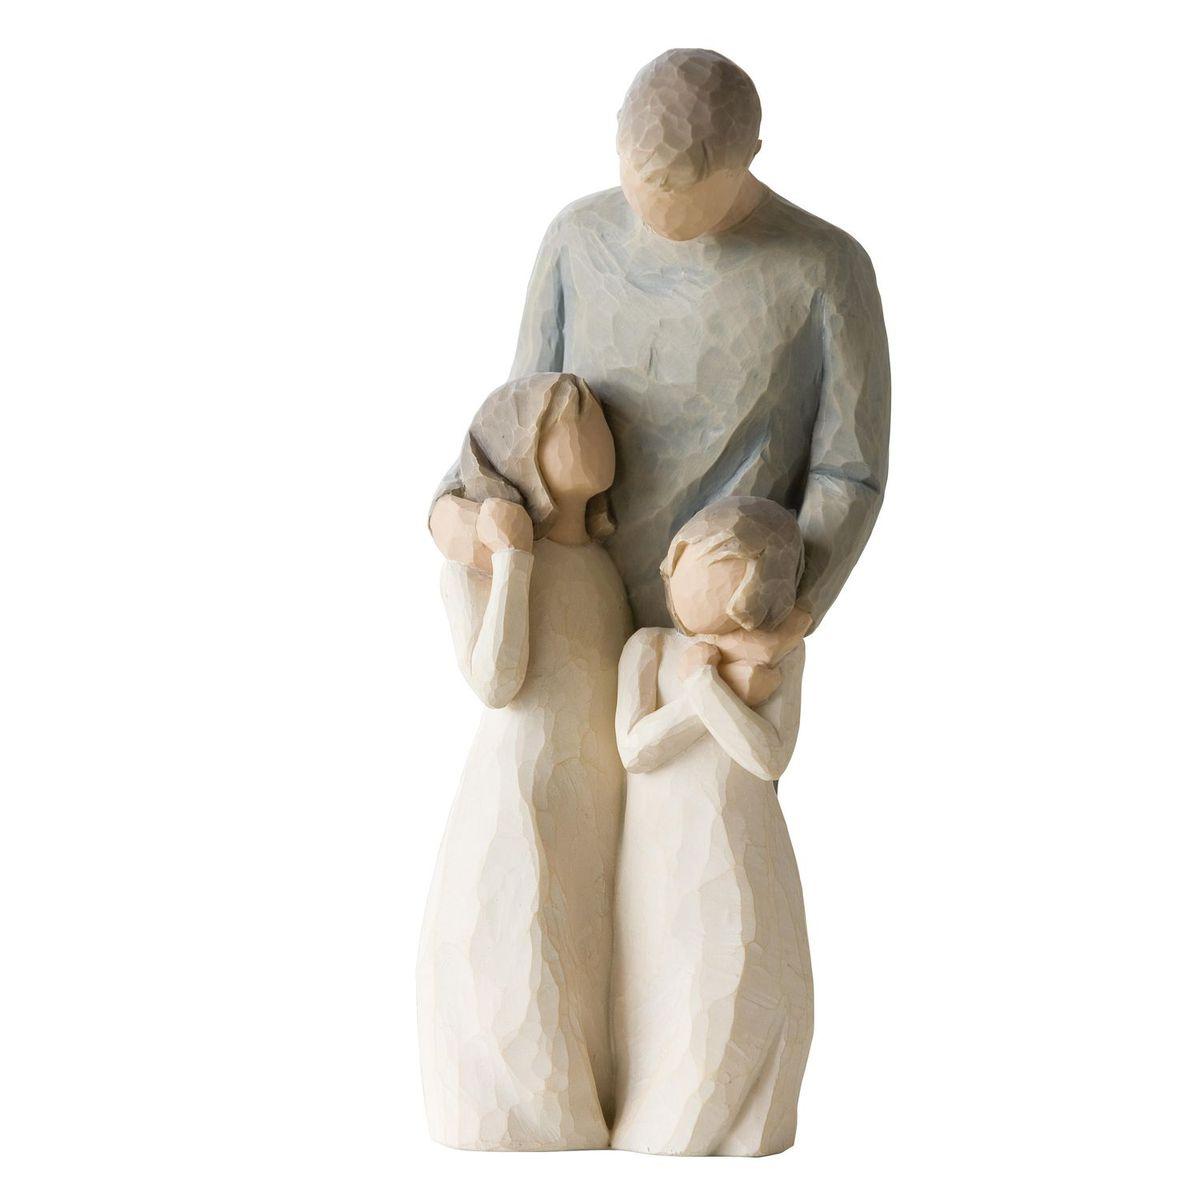 Фигурка декоративная Willow Tree Мои девочки, высота 20,5 см37914Декоративная фигурка Willow Tree создана канадским скульптором Сьюзан Лорди. Фигурка выполнена из искусственного камня (49% карбонат кальция мелкозернистой разновидности, 51% искусственный камень).Фигурка Willow Tree – это настоящее произведение искусства, образная скульптура в миниатюре, изображающая эмоции и чувства, которые помогают чувствовать себя ближе к другим, верить в мечту, выражать любовь.Фигурка помещена в красивую упаковку.Купить такой оригинальный подарок, значит не только украсить интерьер помещения или жилой комнаты, но выразить свое глубокое отношение к любимому человеку. Этот прекрасный сувенир будет лучшим подарком на день ангела, именины, день рождения, юбилей.